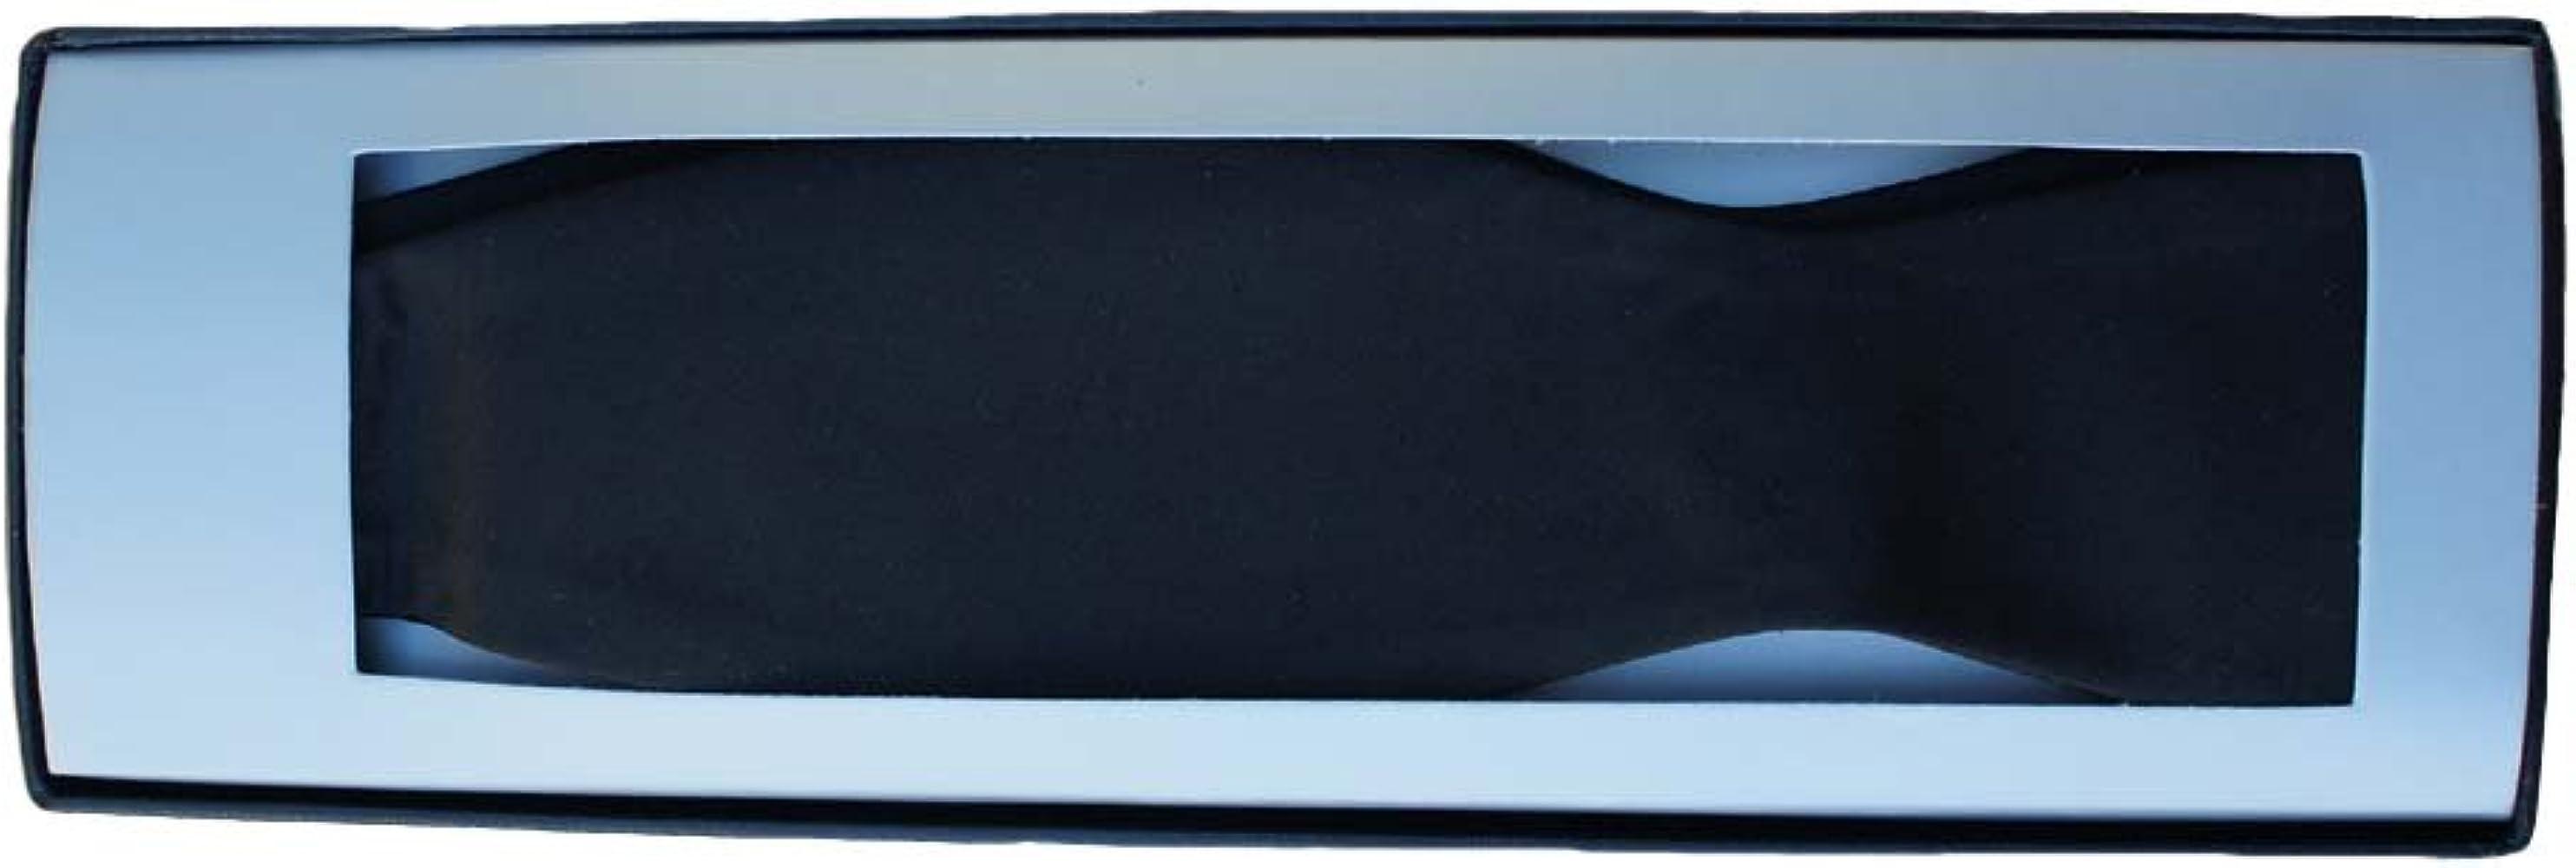 O cama de matrimonio 100% negro autoadhesivas para de seda de ...